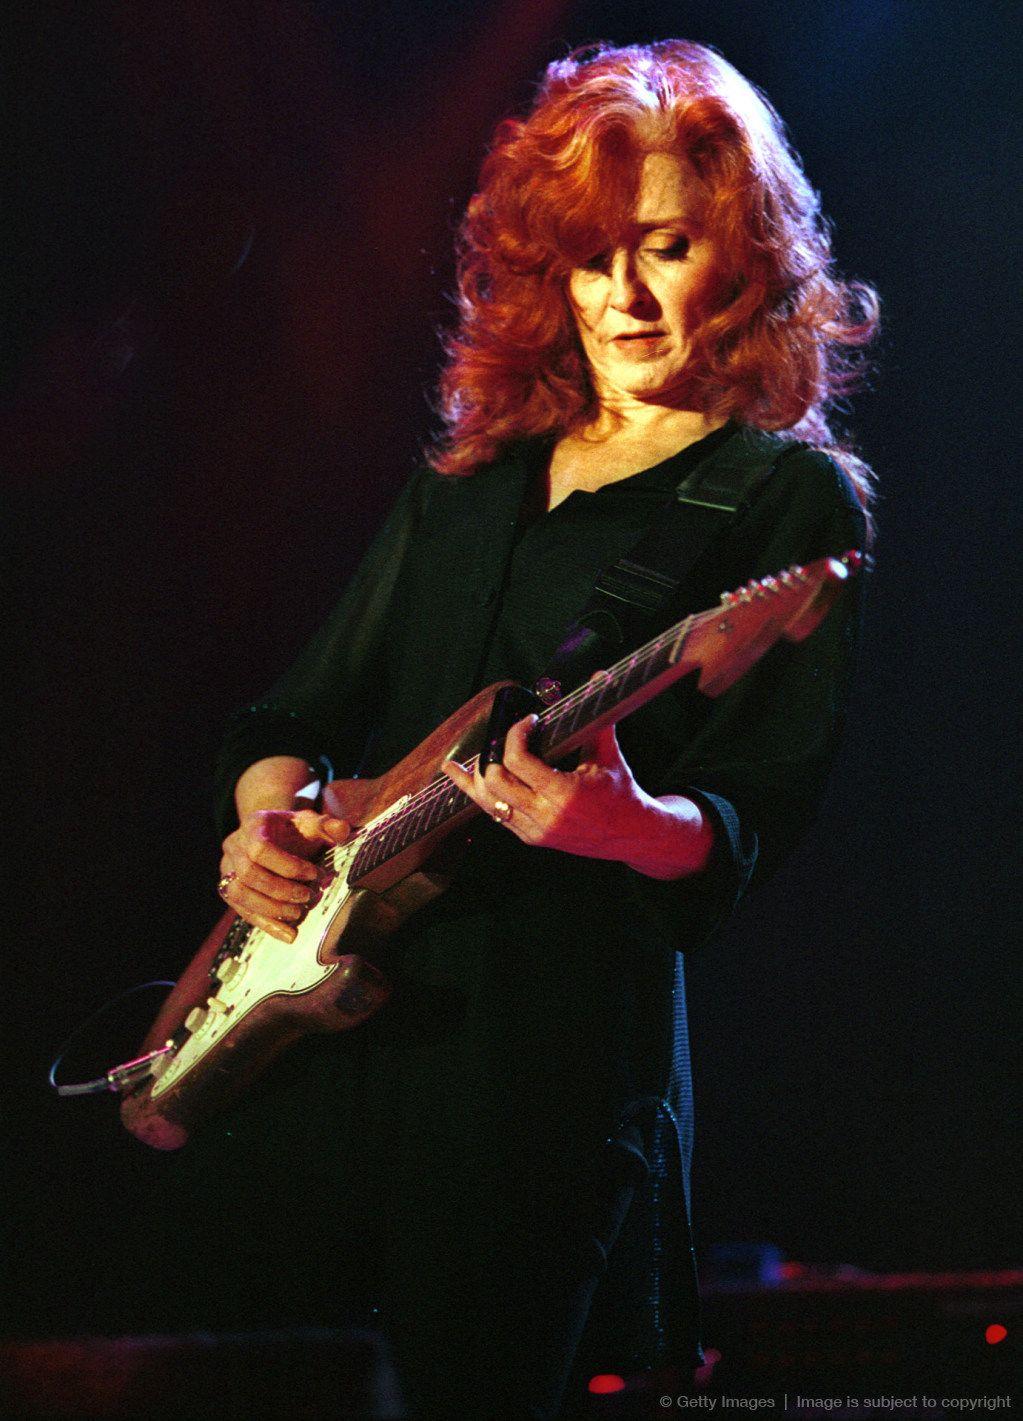 Bonnie Raitt (Solo blues & country vocalist & guitarist